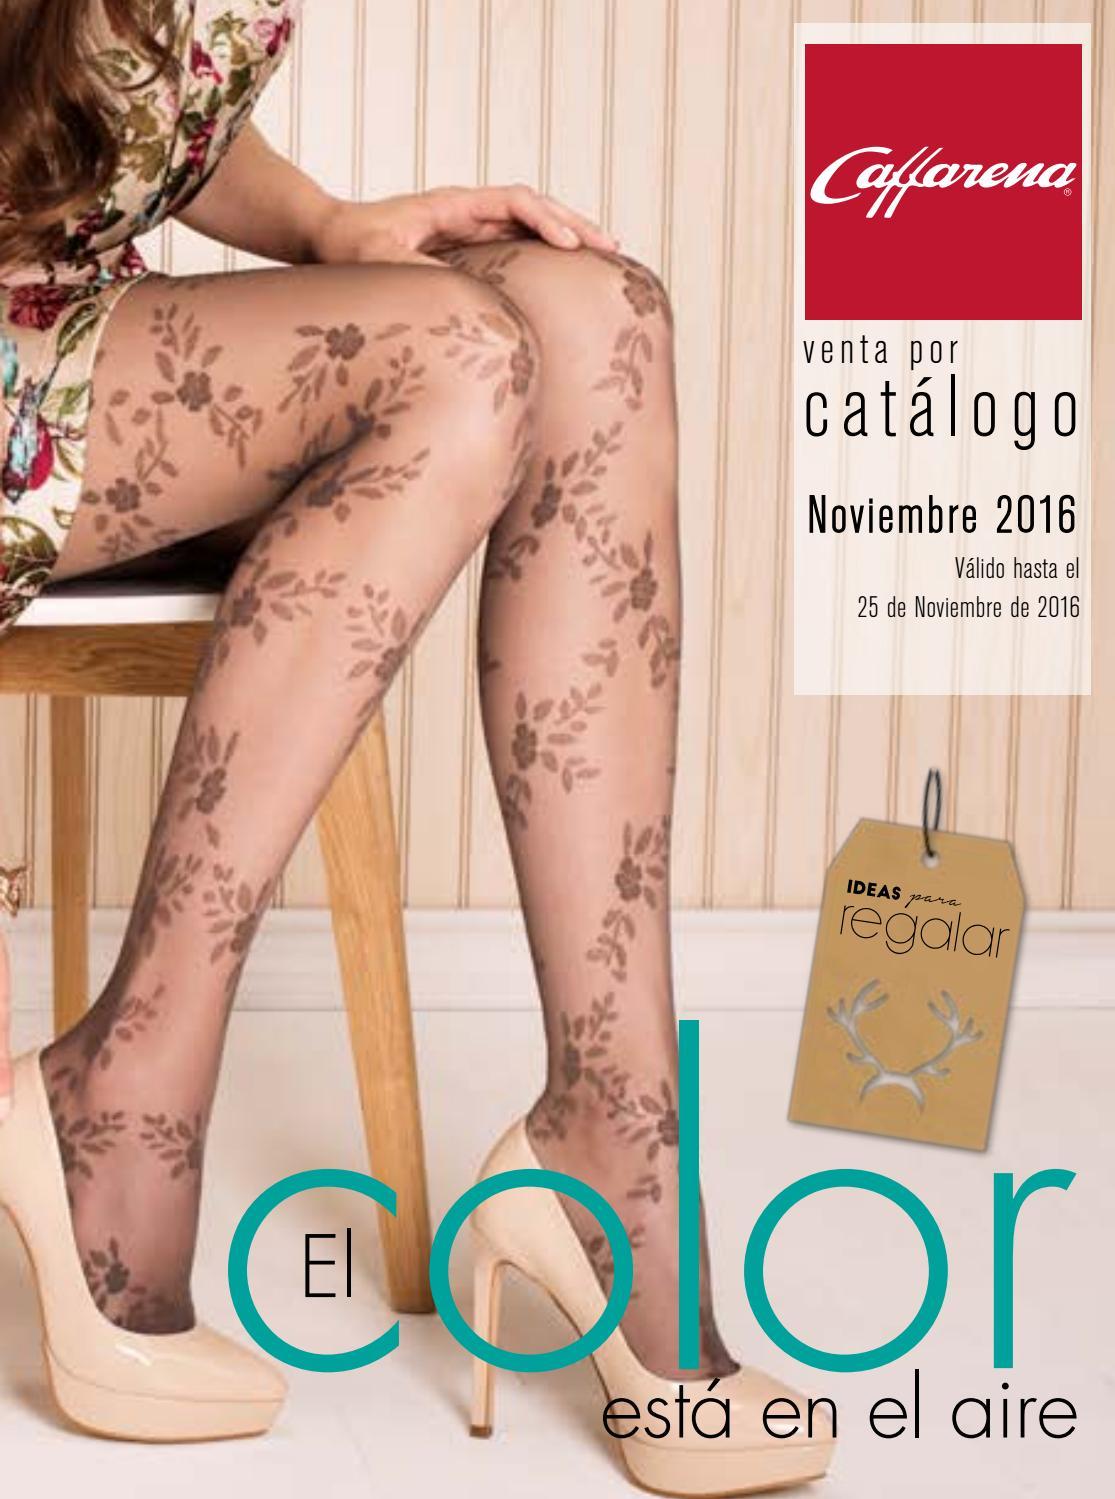 Catalogo Noviembre Consultoras by Caffarena - issuu